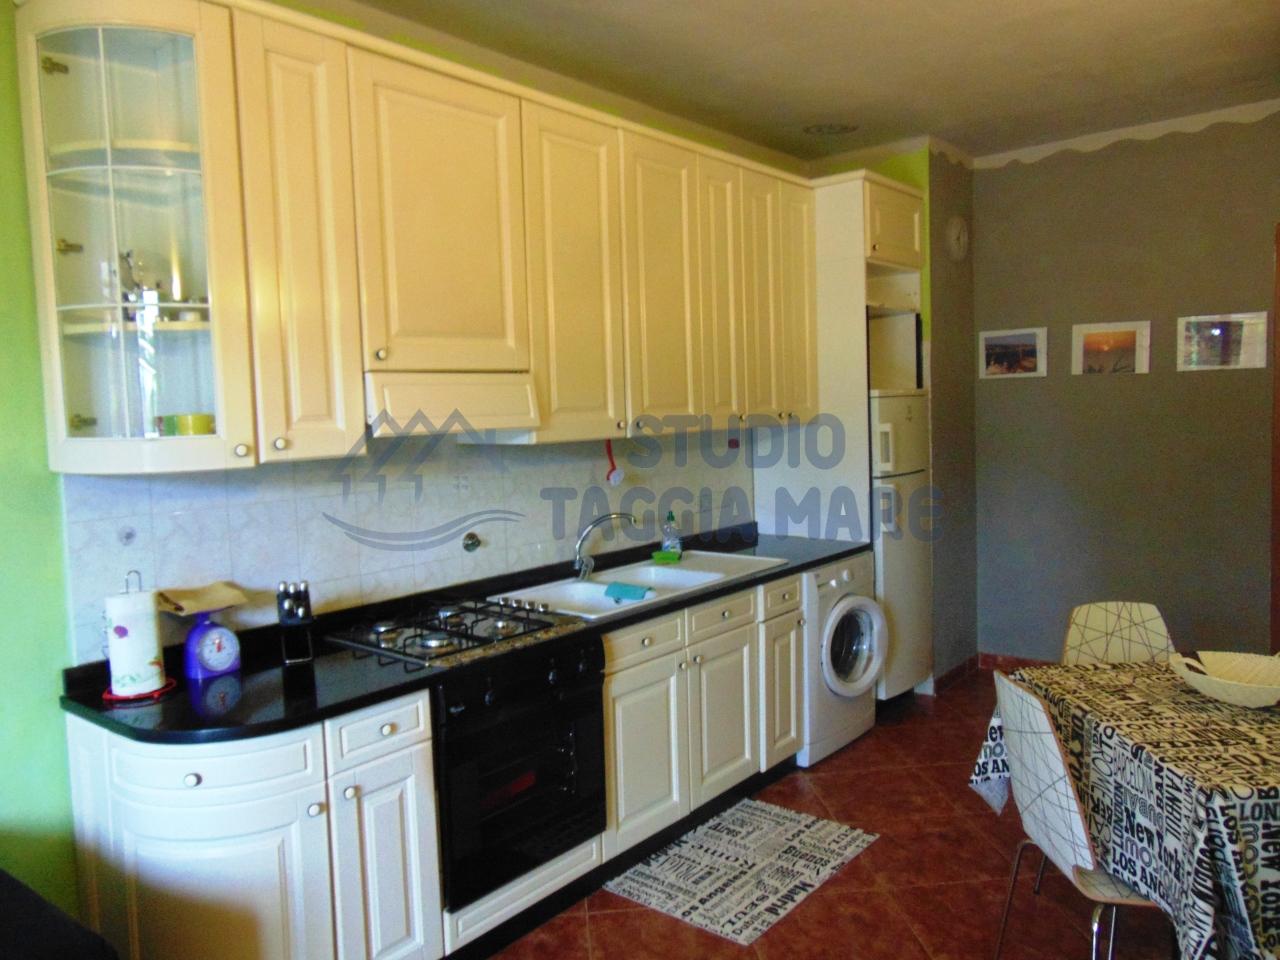 Appartamento in affitto a Taggia, 3 locali, prezzo € 500 | CambioCasa.it